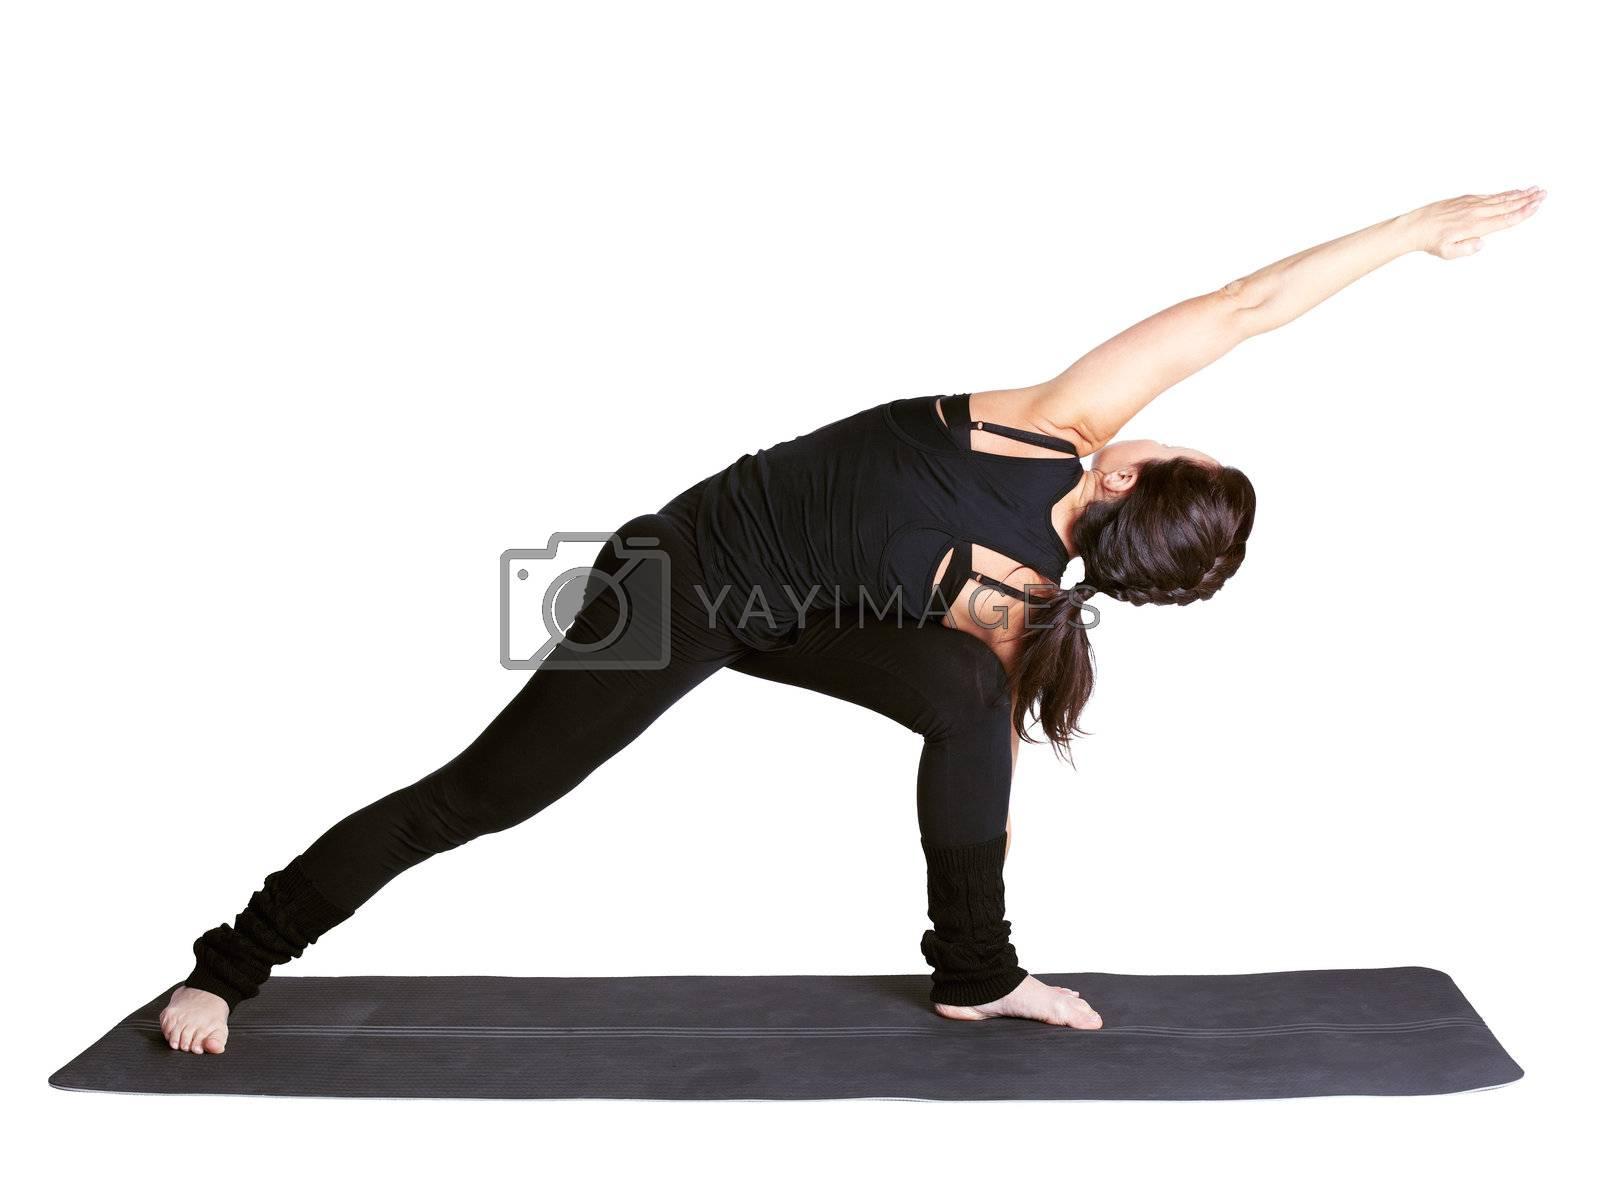 full-length portrait of beautiful woman working out yoga exercise reverted side angle pose utthita parshvakonasana on fitness mat